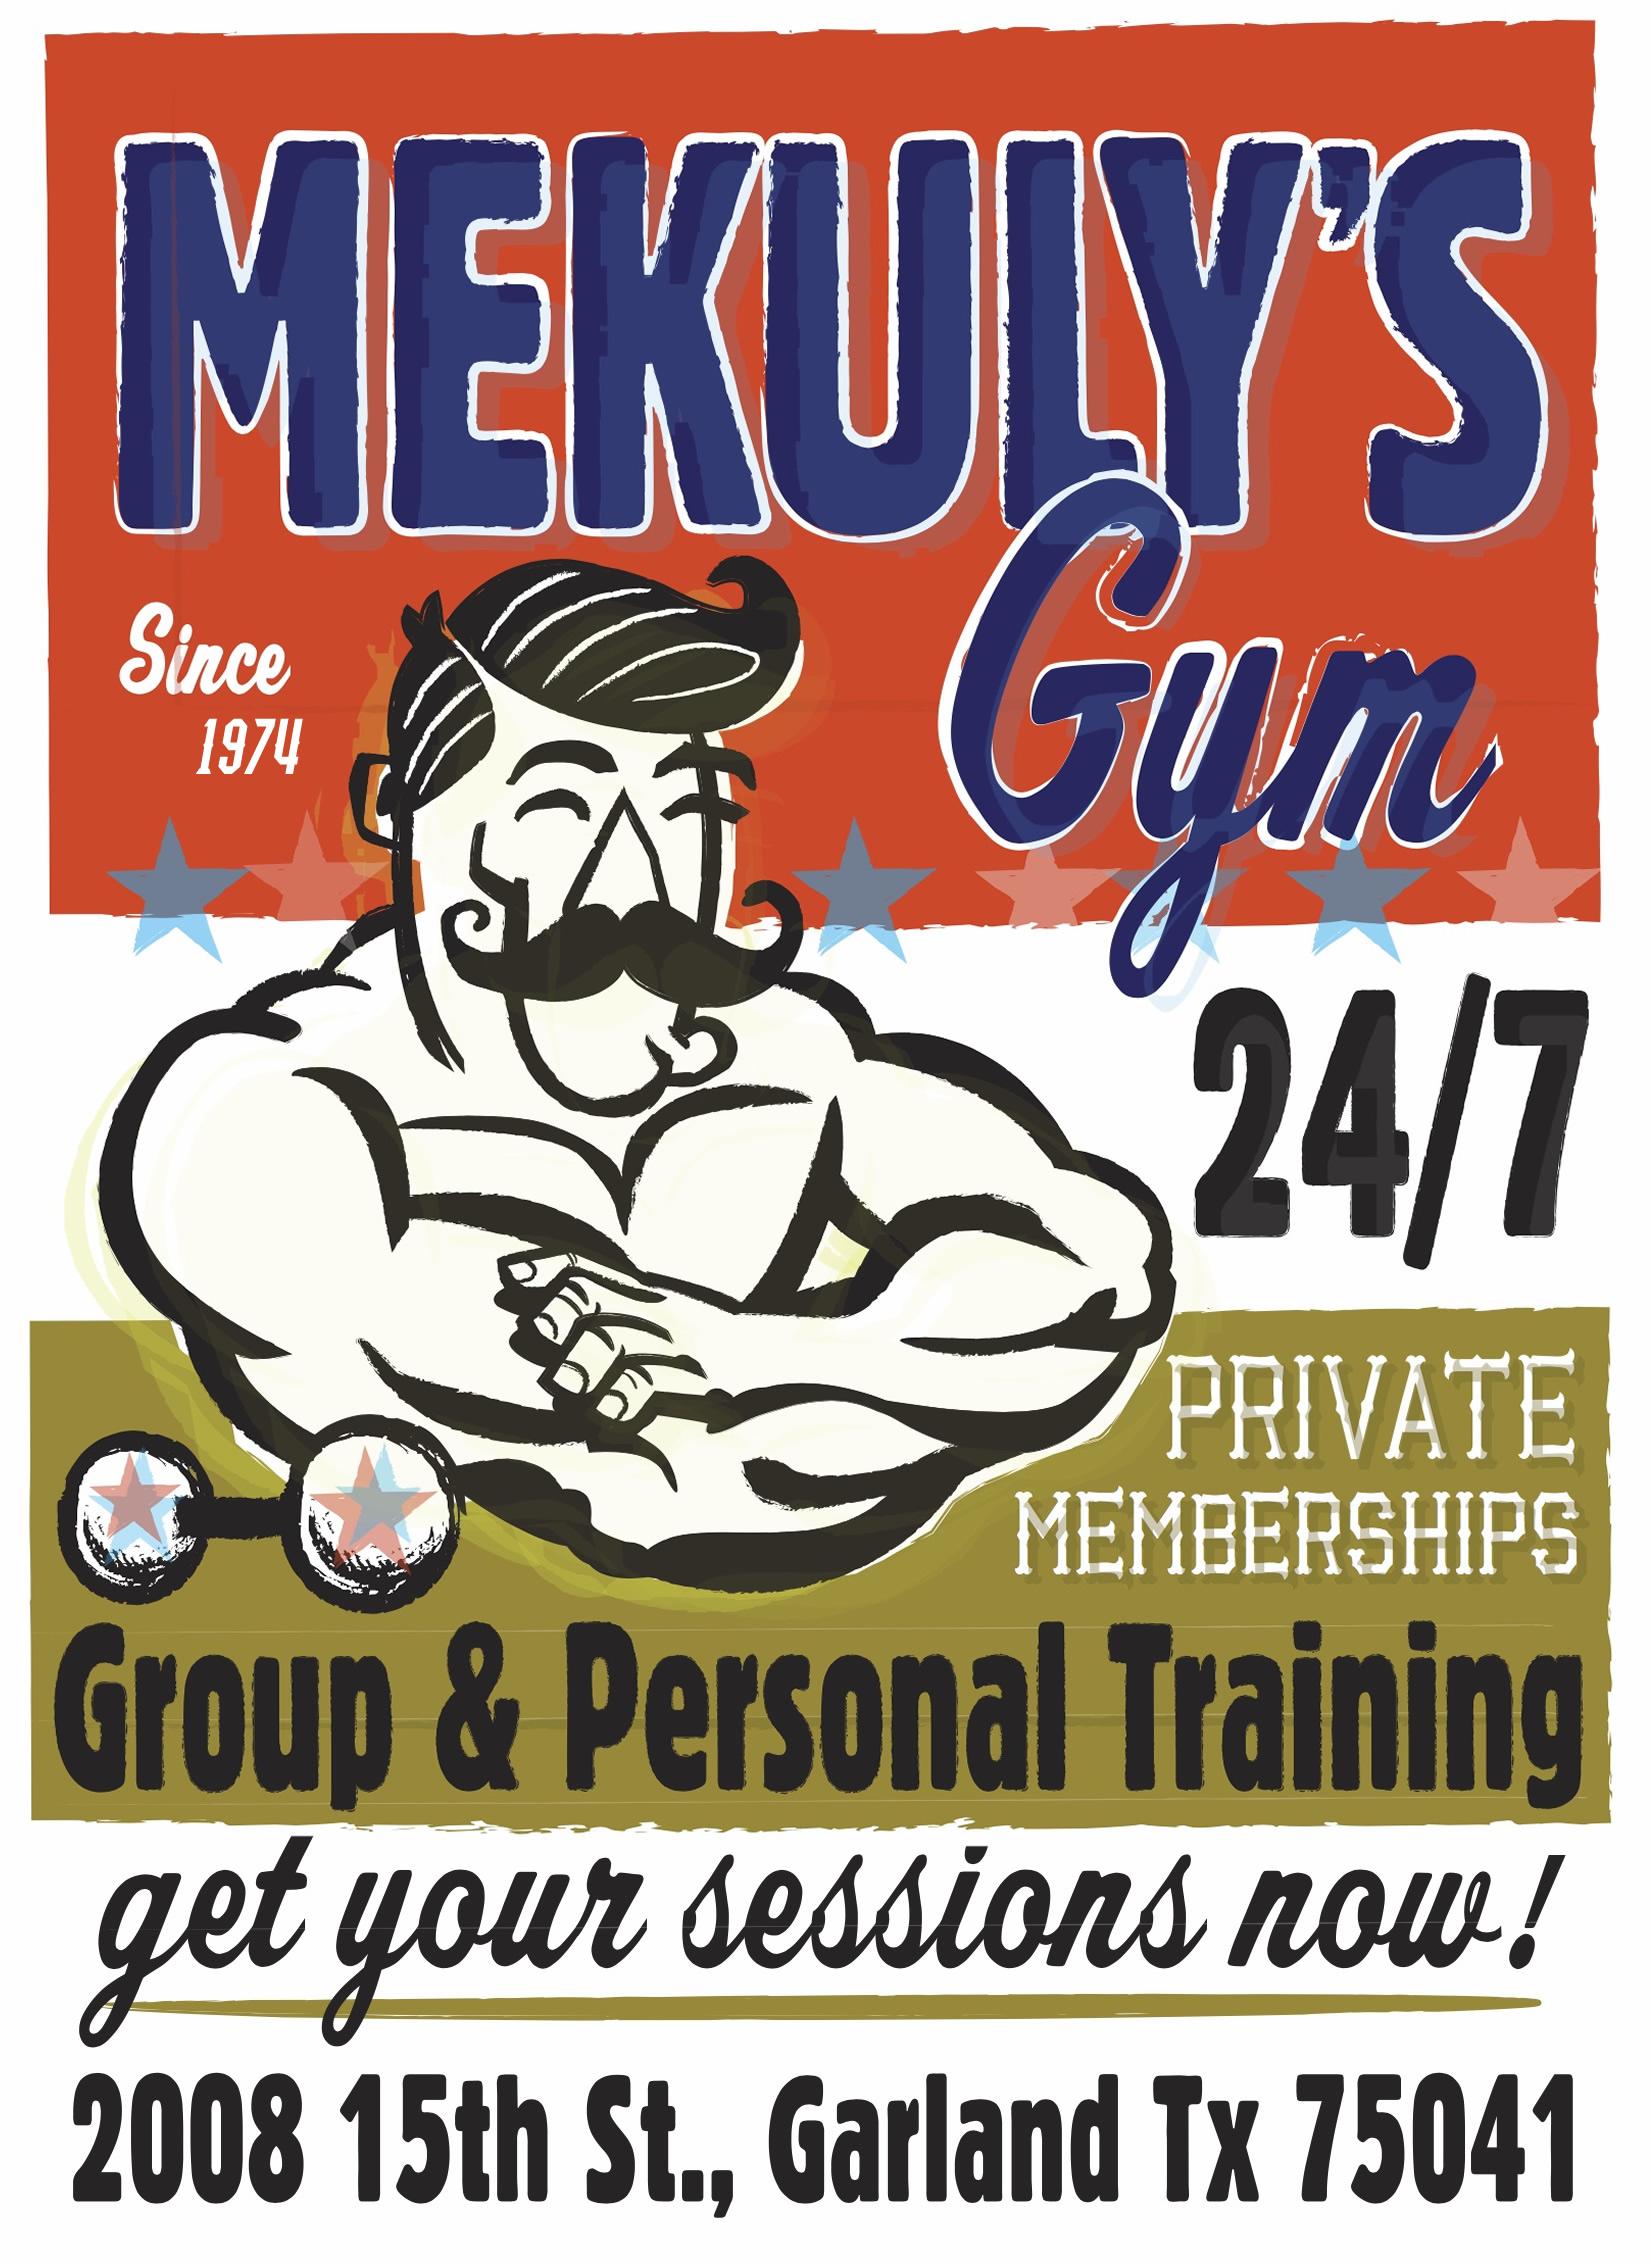 Mekuly's Gym Flier